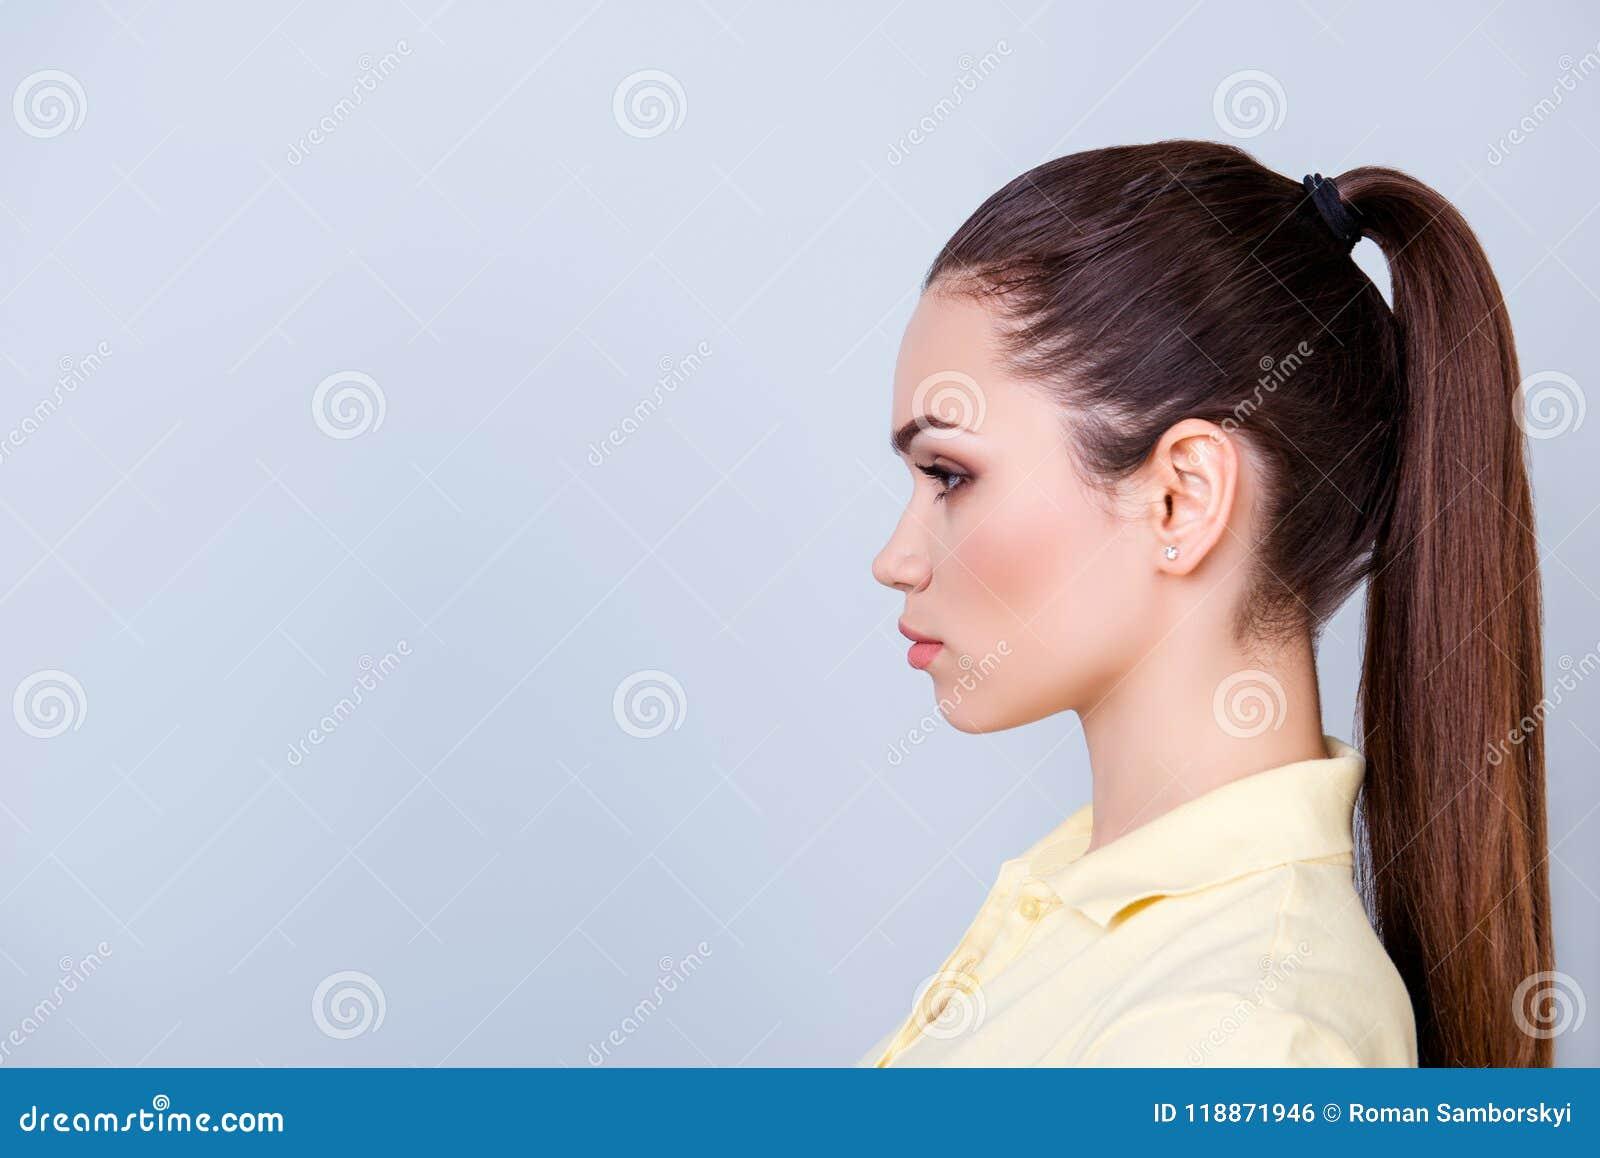 Chiuda sul ritratto potato di profilo della giovane signora in maglietta gialla